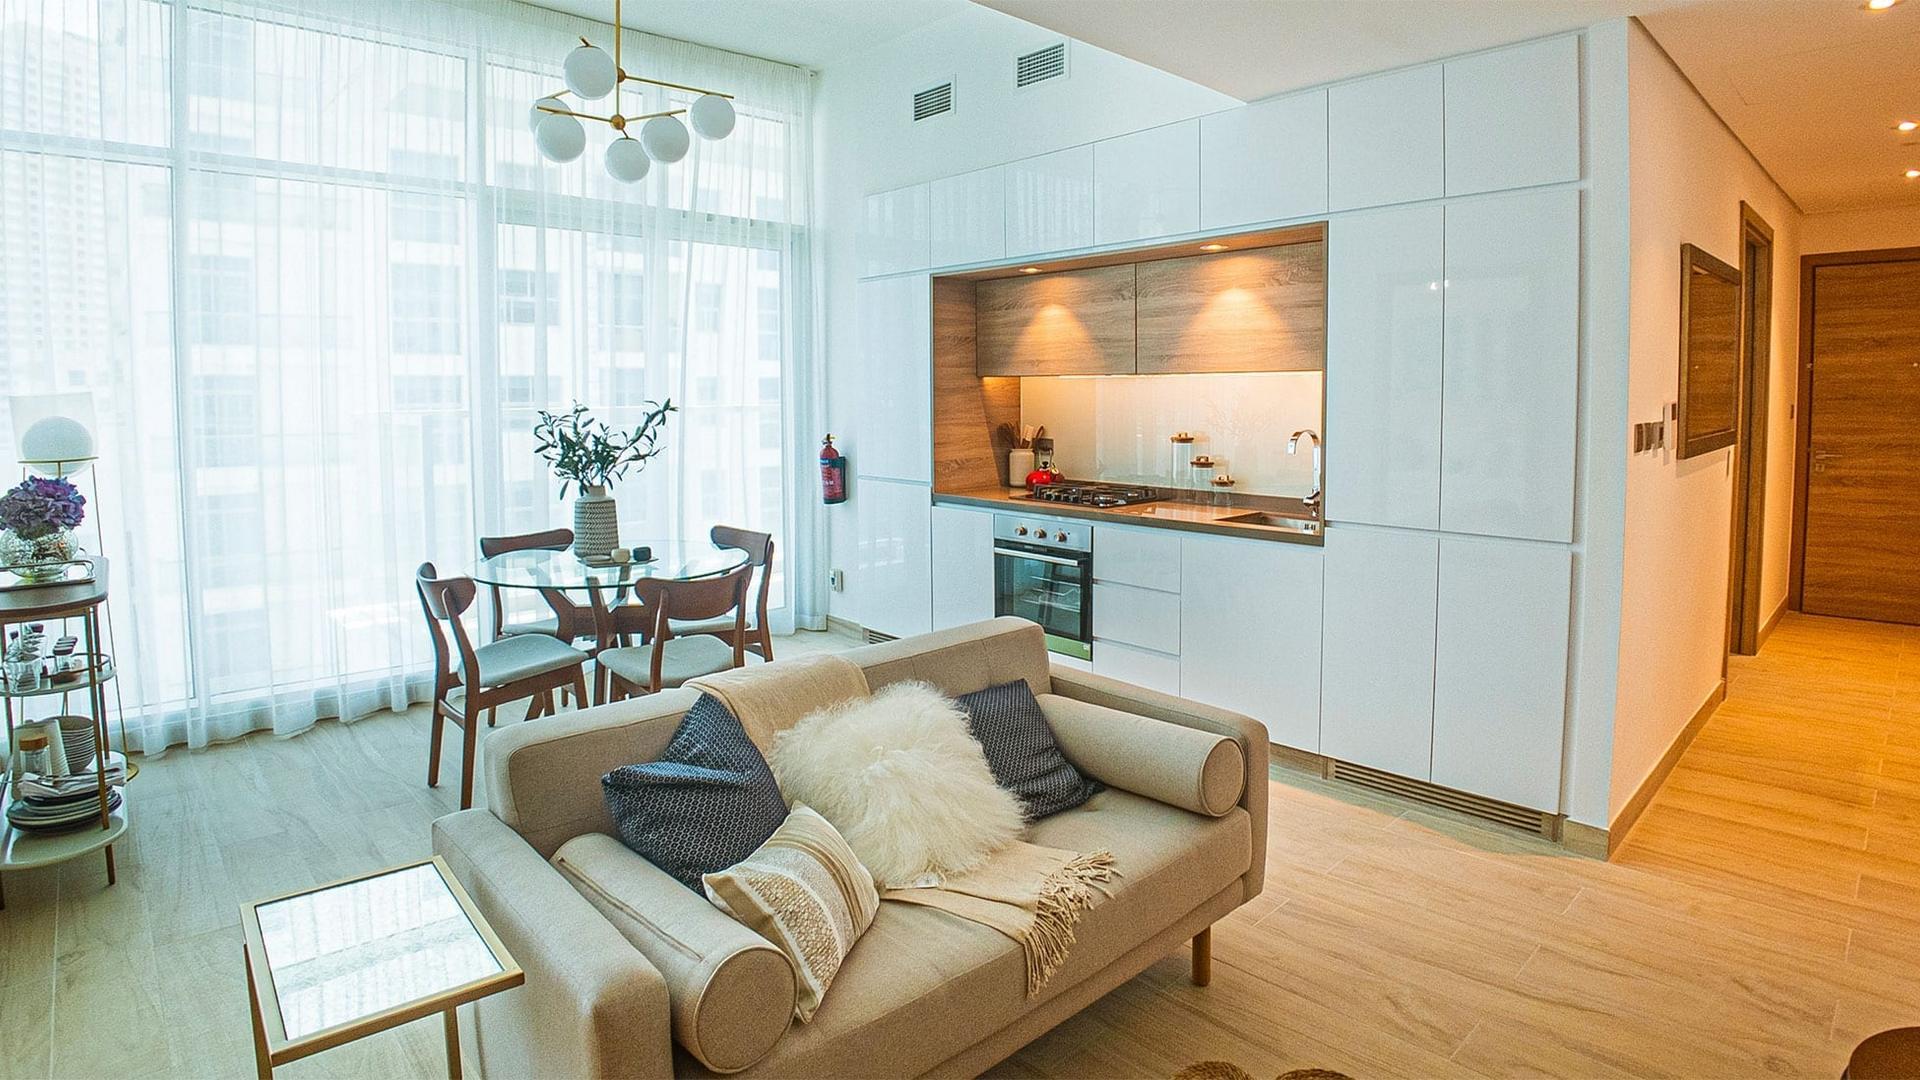 Apartamento en venta en Dubai, EAU, 2 dormitorios, 77 m2, № 24221 – foto 1